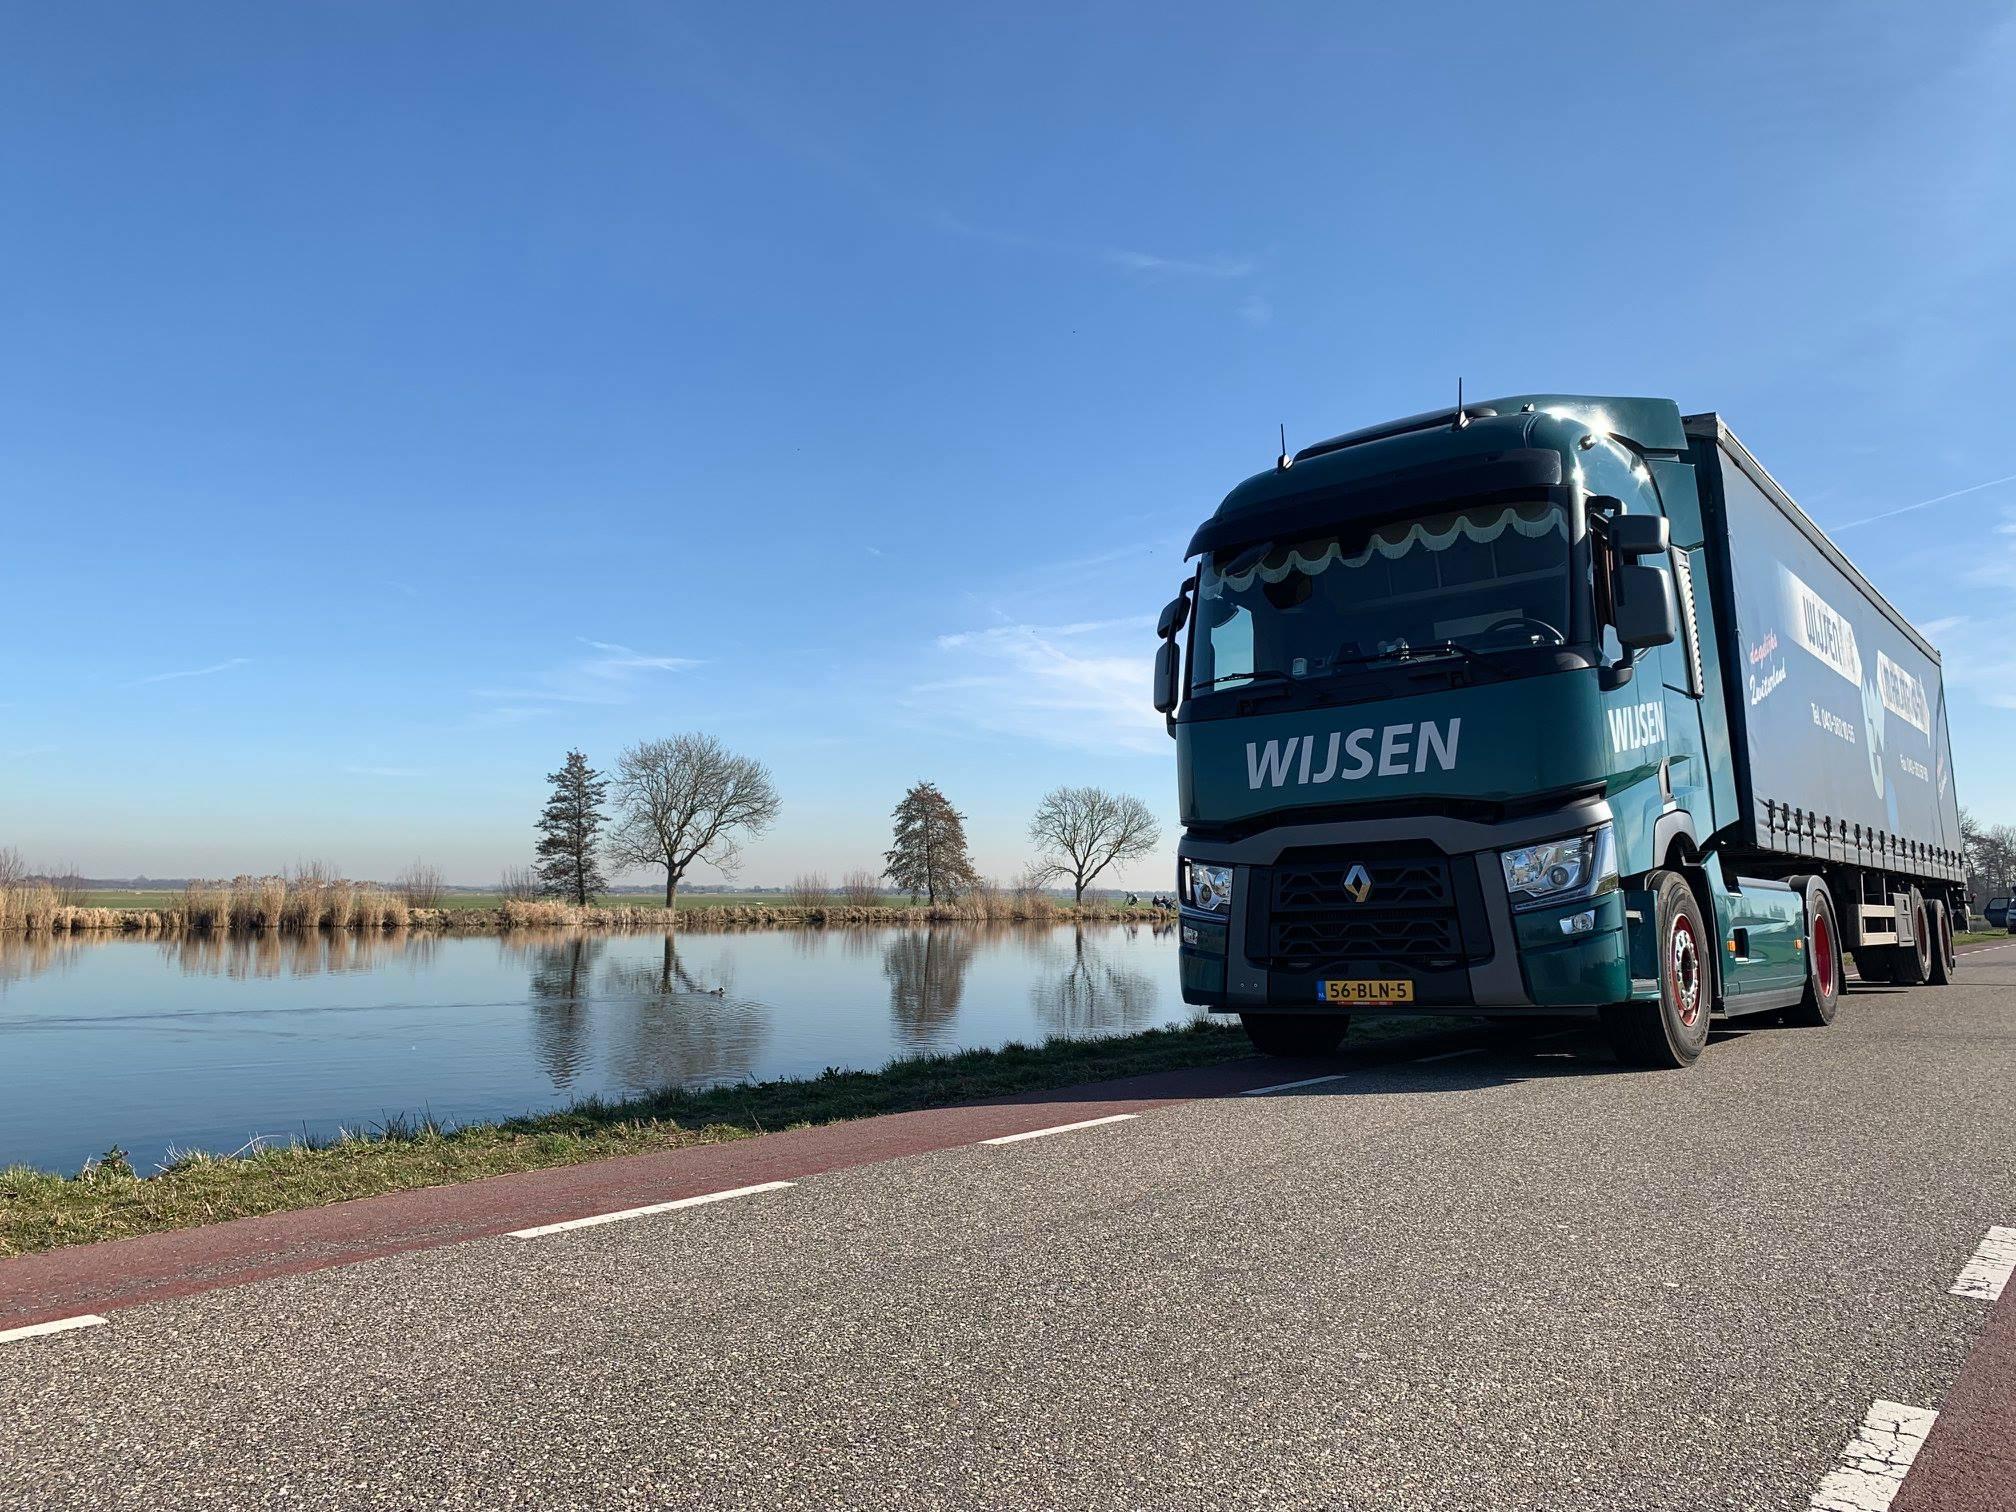 Nes-aan-de-Amstel